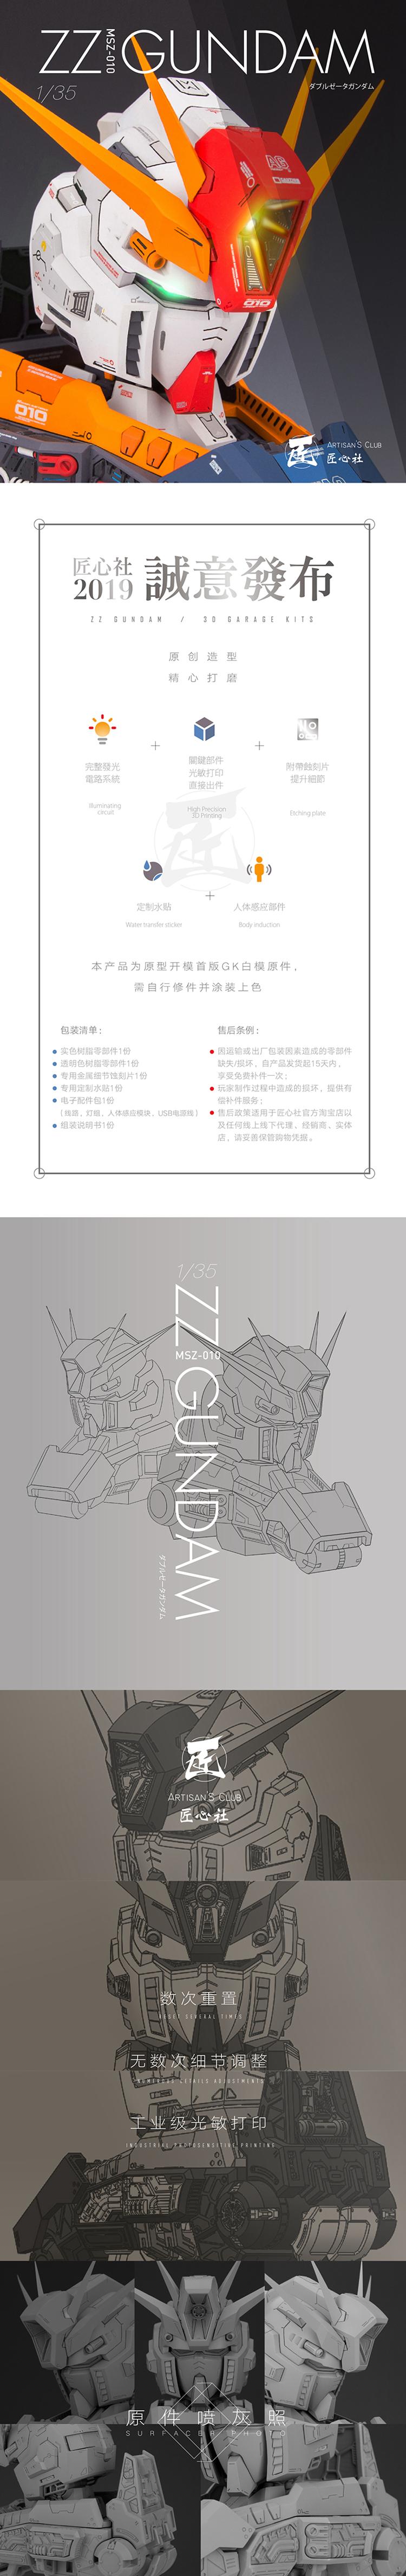 G478_ZZ_023.jpg